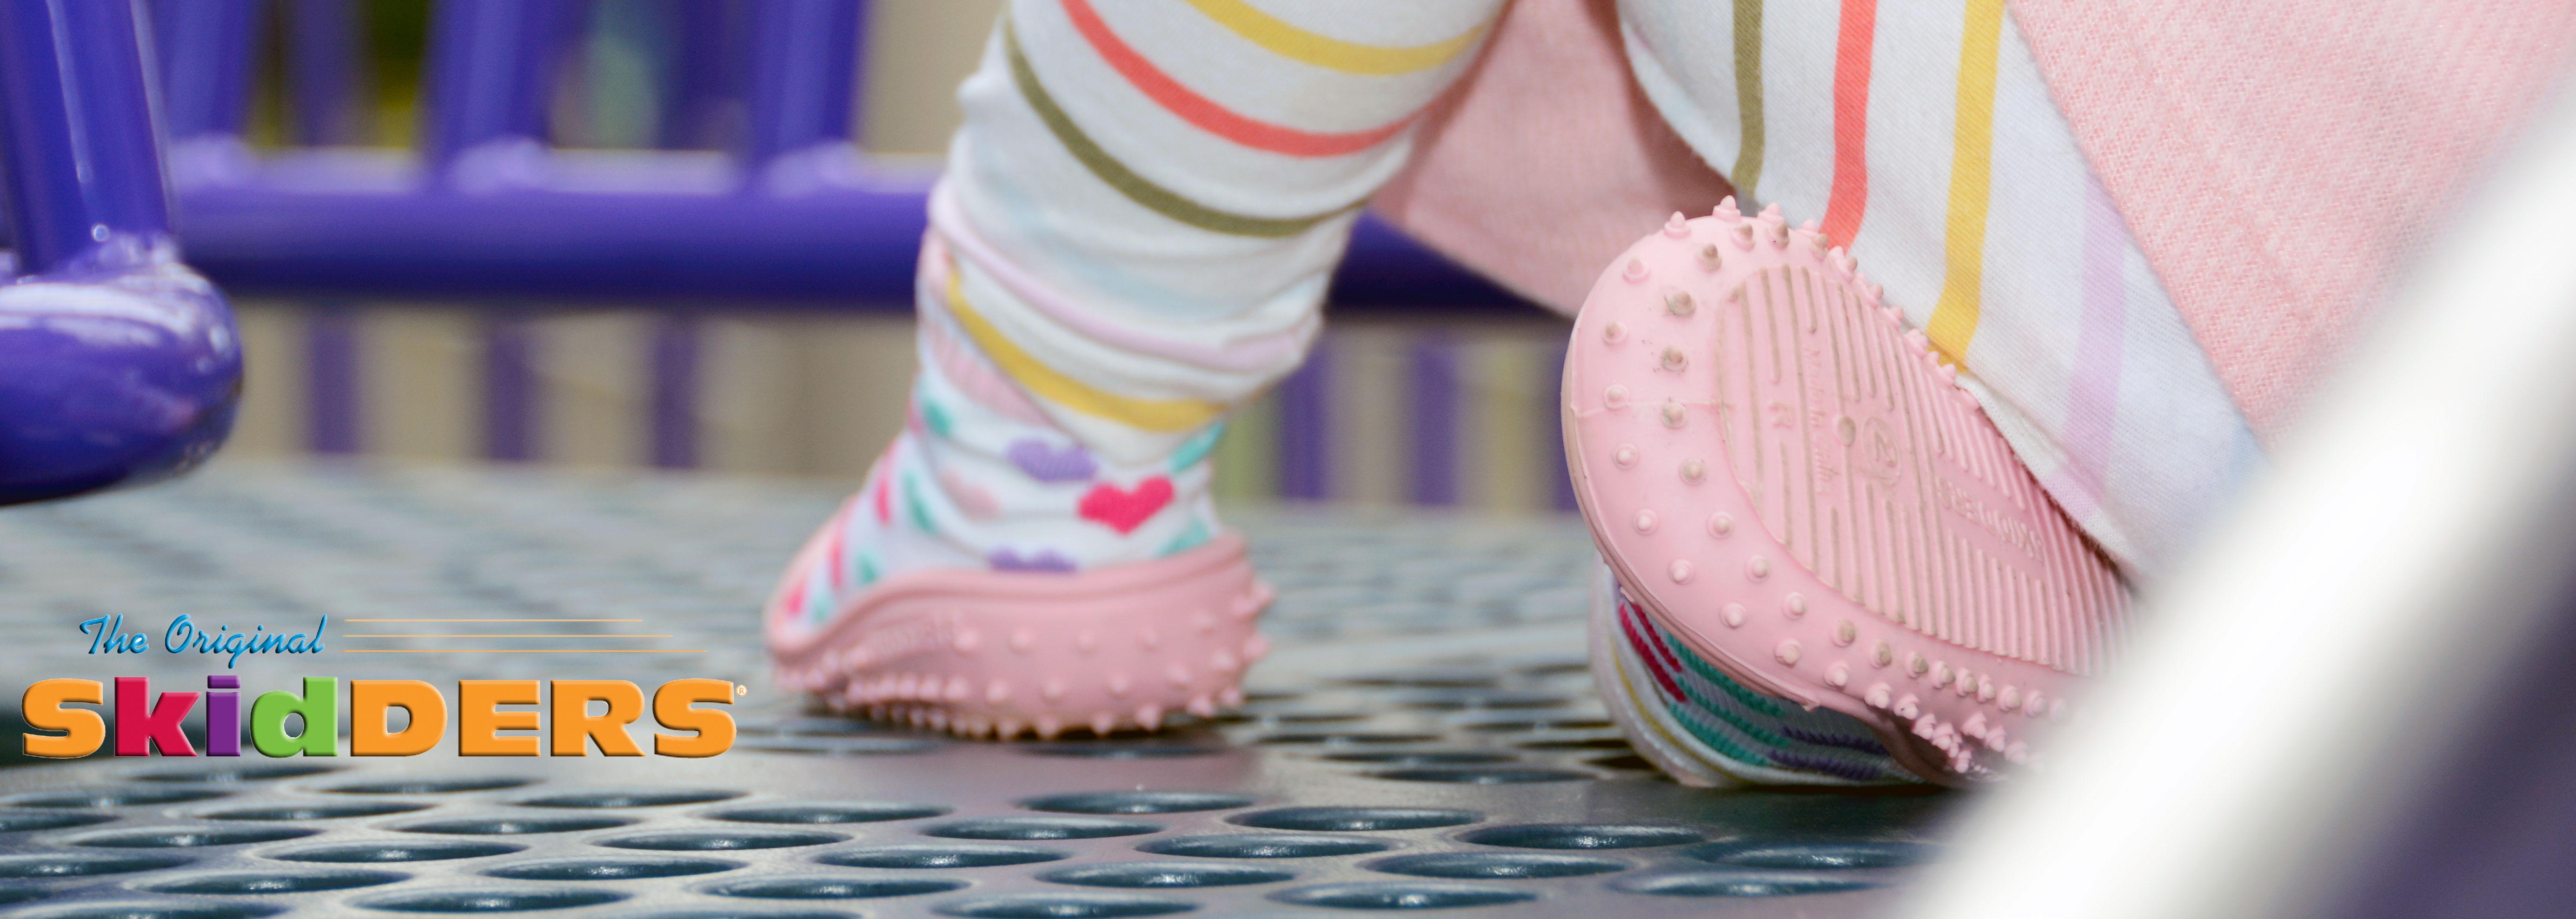 Sneakers 2 Pack Frog SKIDDERS Baby Toddler Boy Grip Socks Bundle